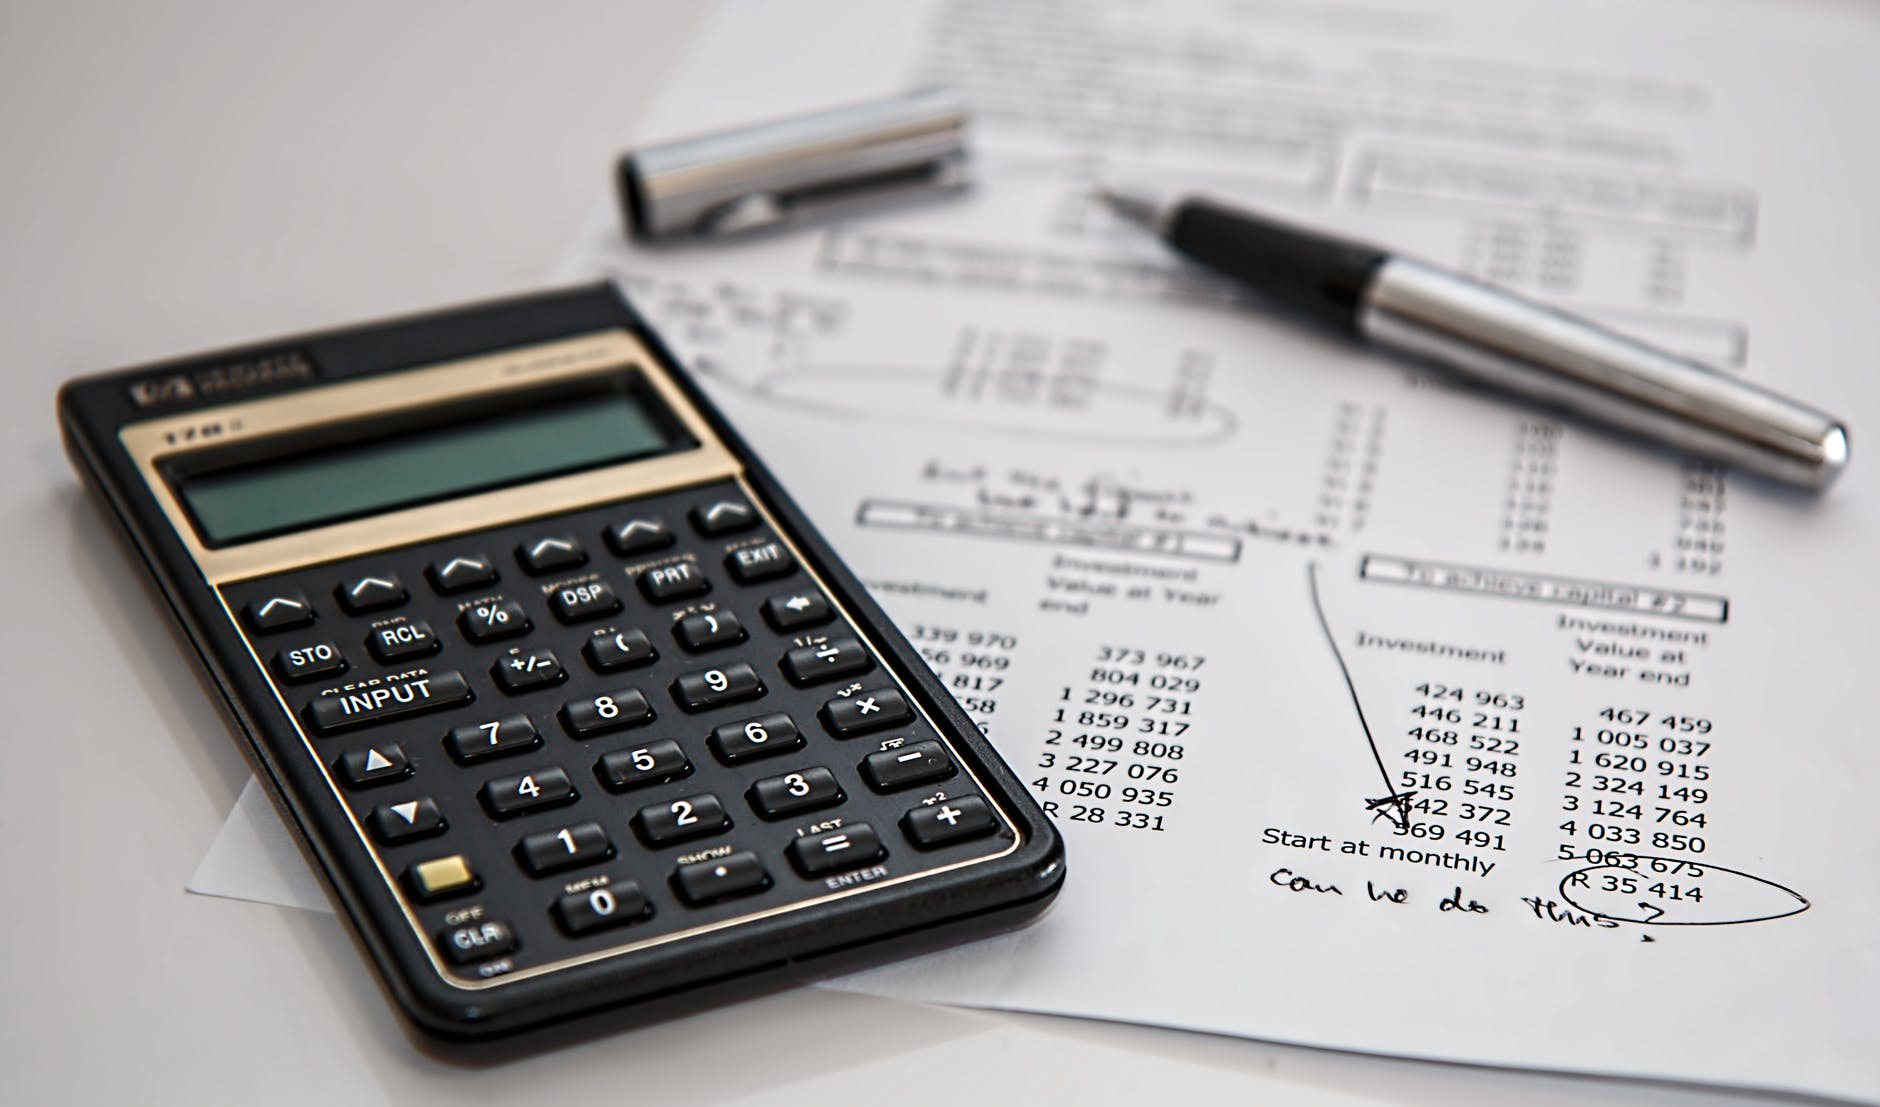 Обнародован список компаний, в которые лучше не вкладываться казахстанцам